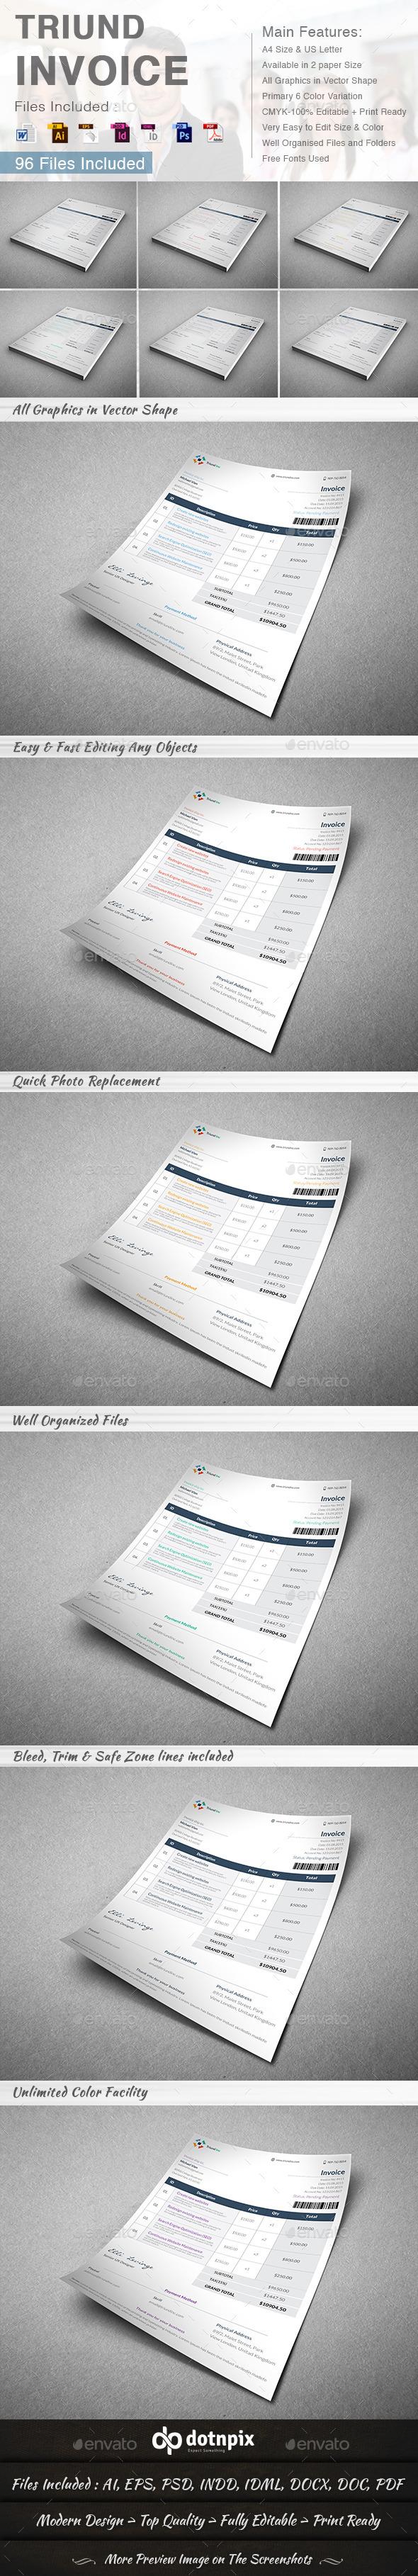 GraphicRiver Triund Invoice 8992121